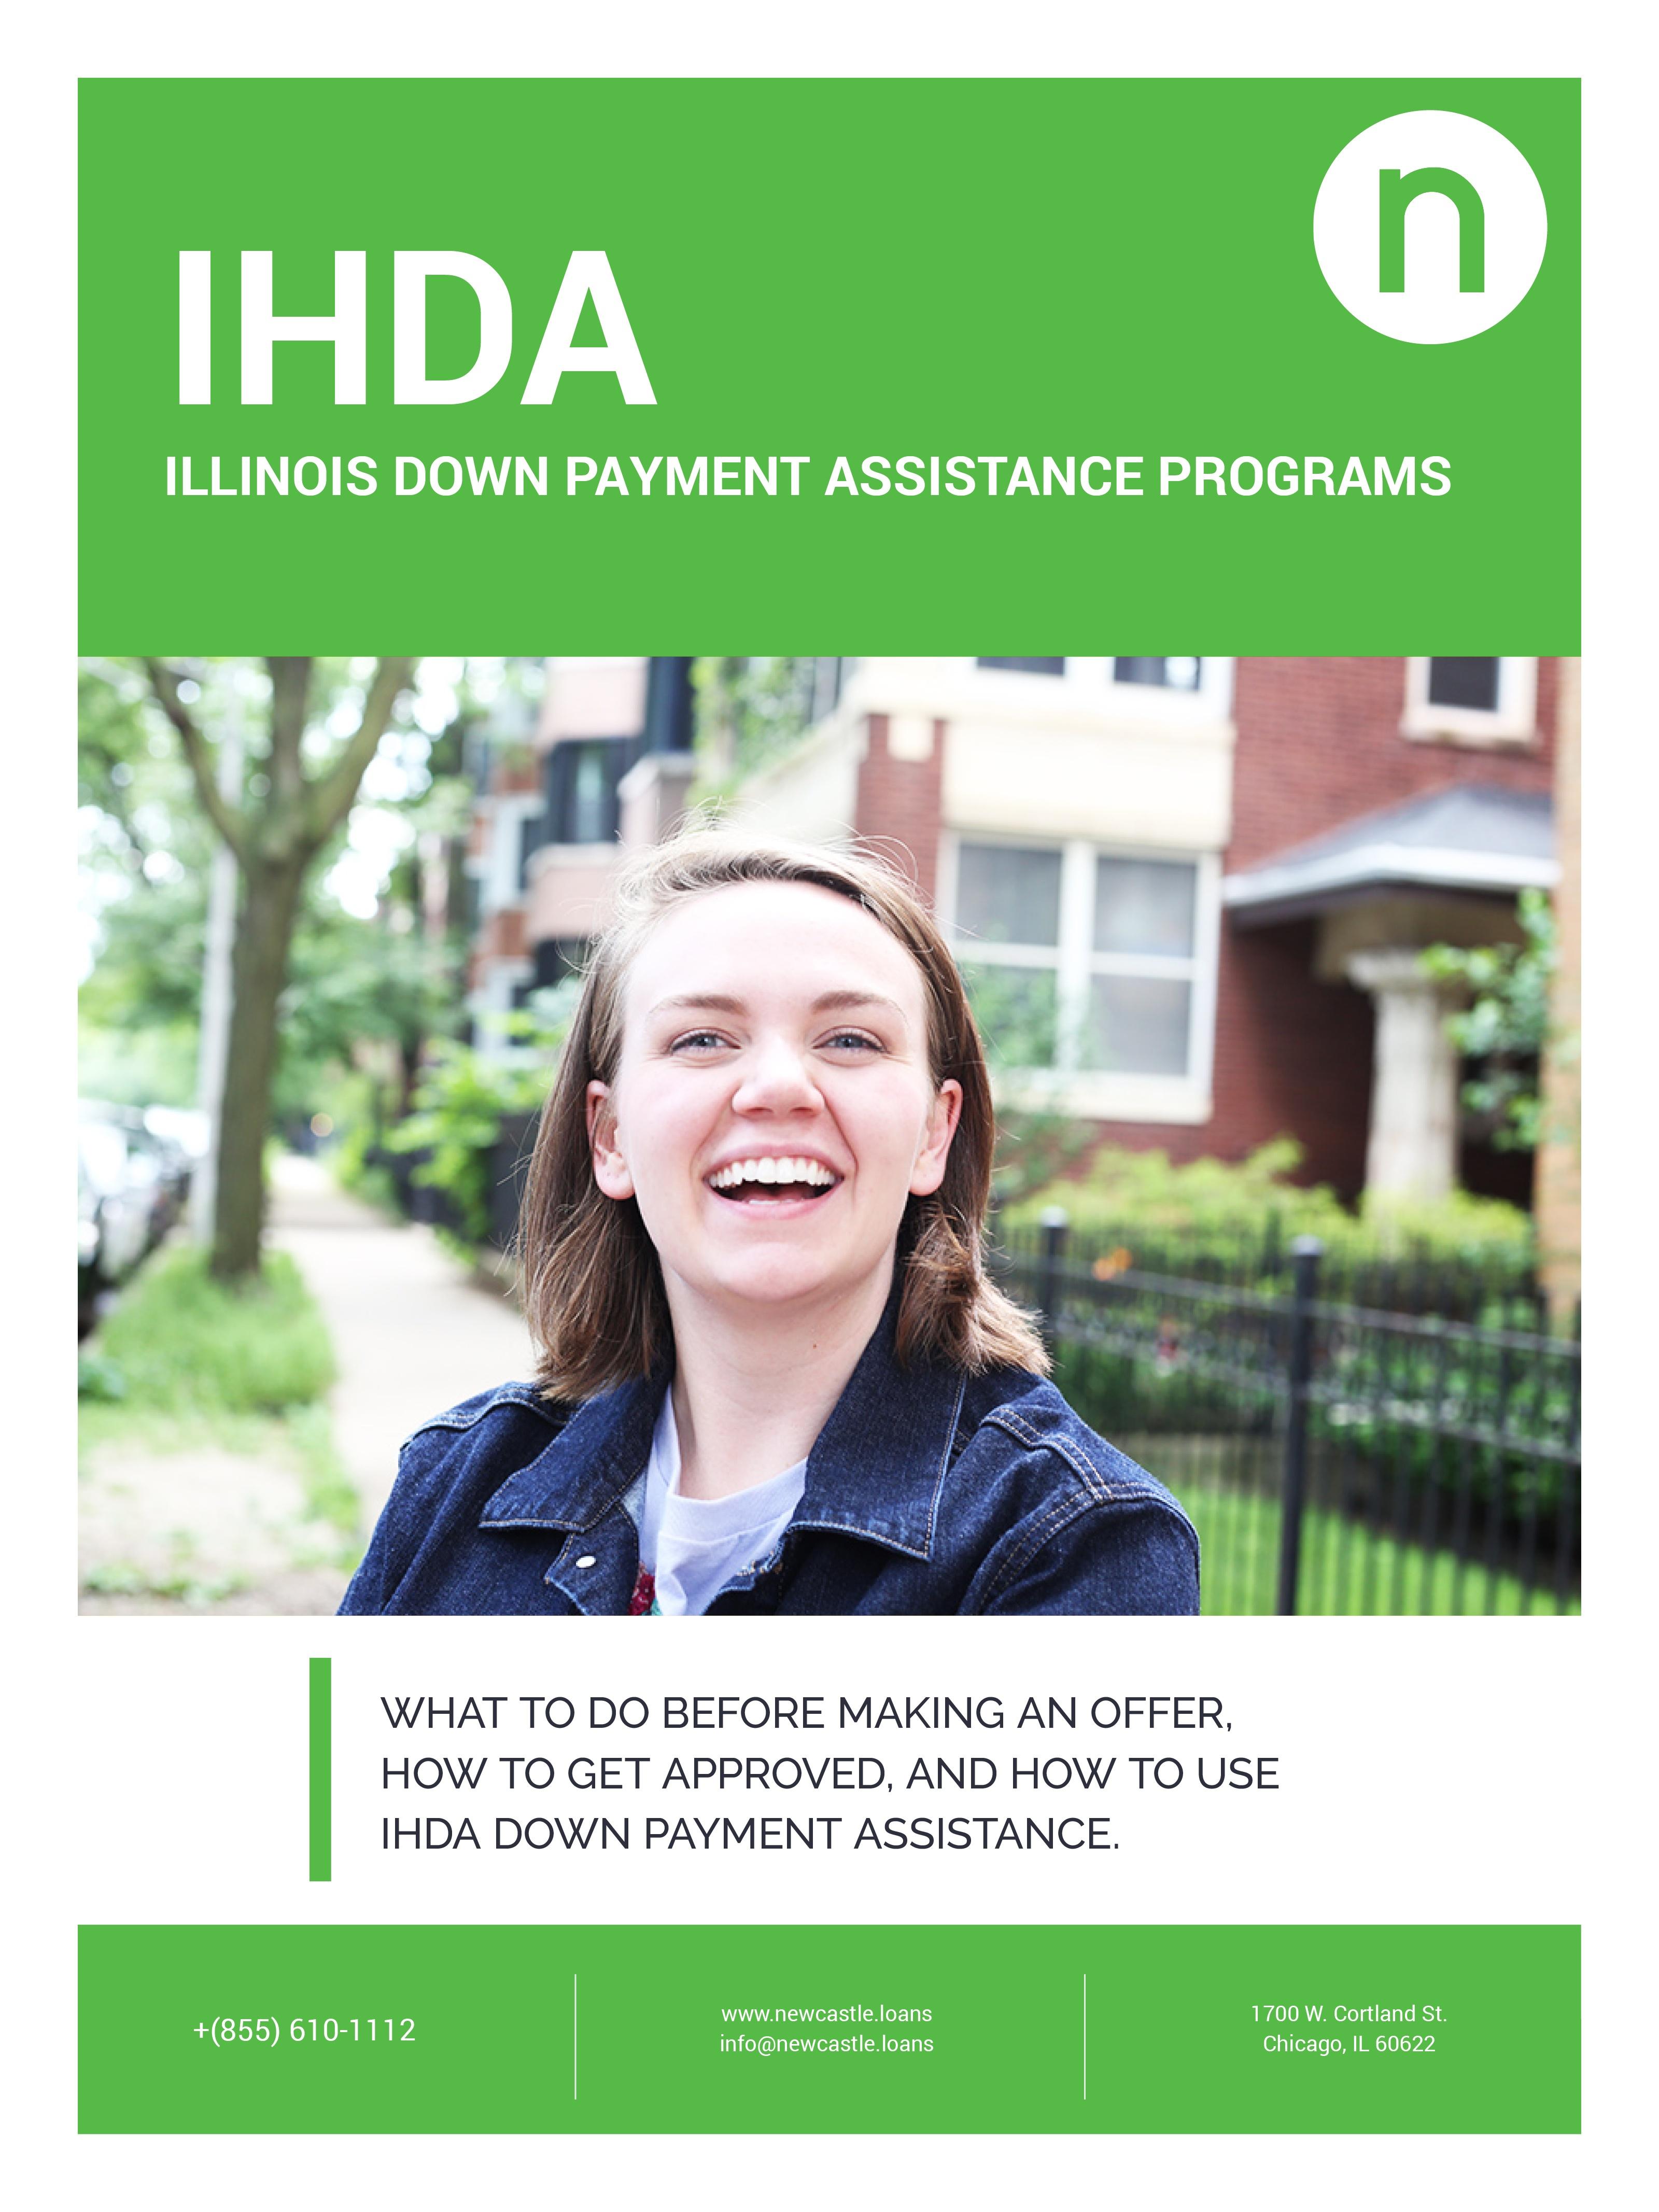 IHDAebook-7-6-cover.jpg